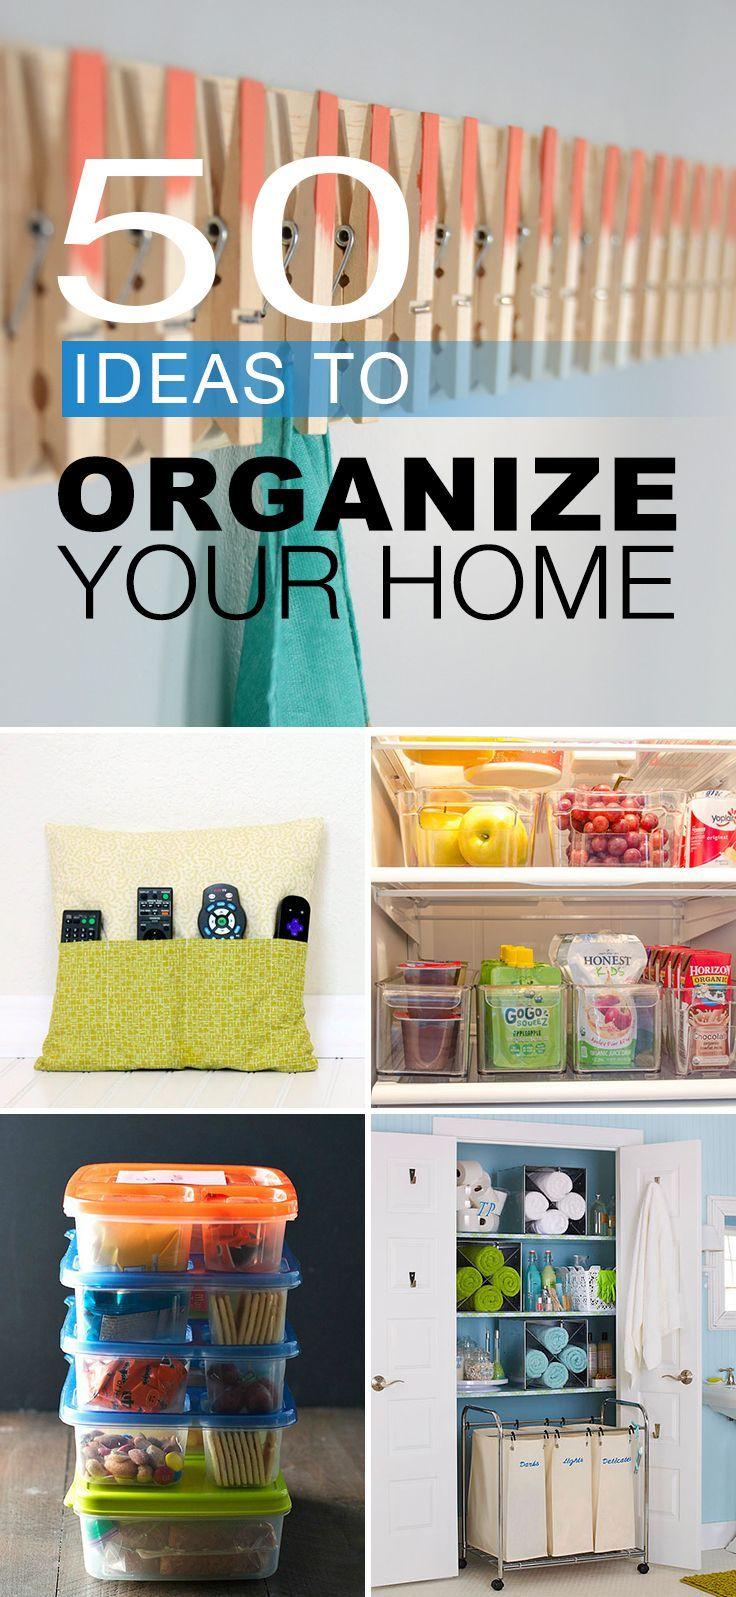 50 Ideen, um Ihr Zuhause zu organisieren zuhause organisieren ideen